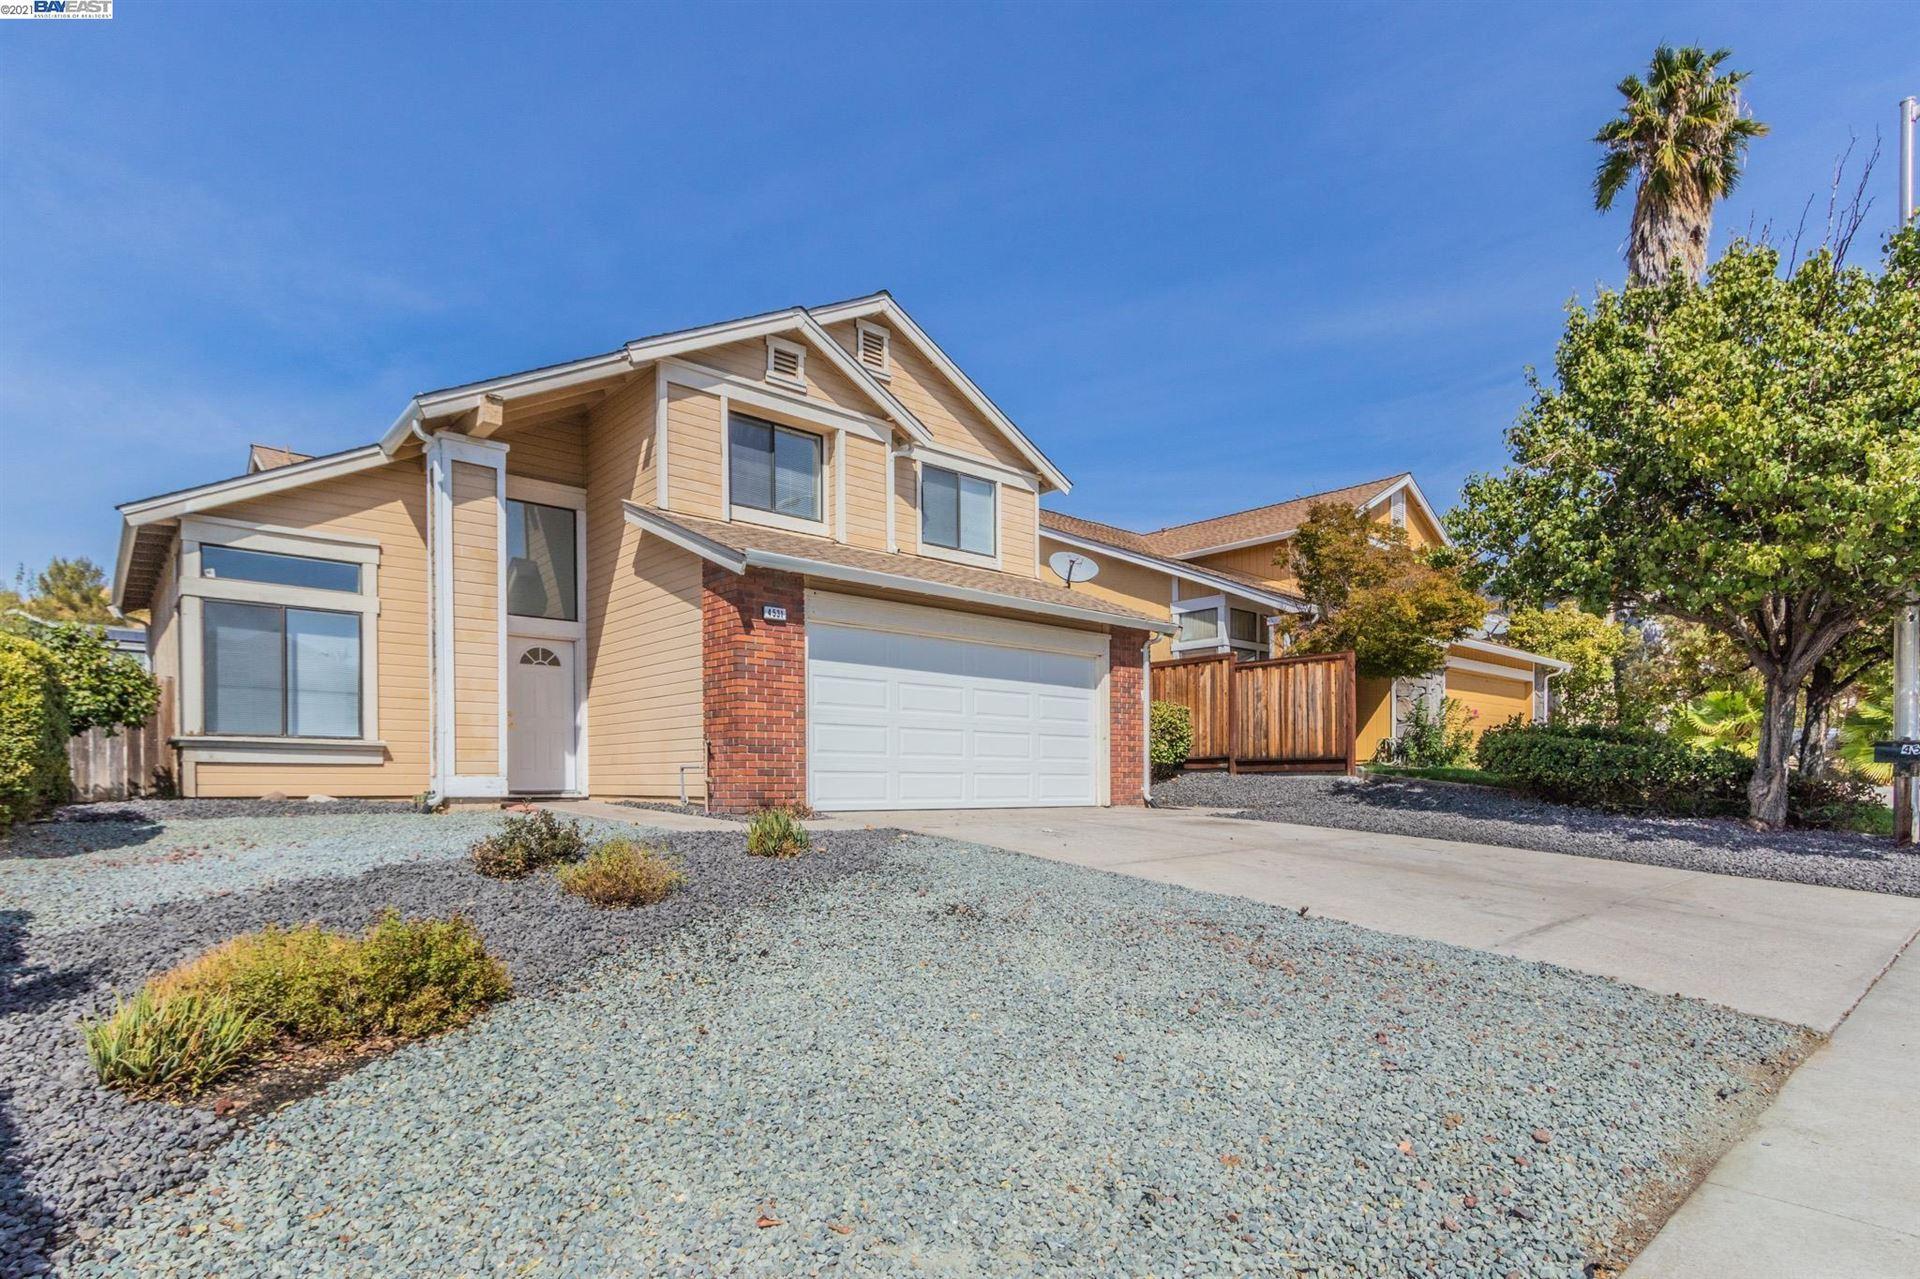 Photo of 4531 Elkhorn Way, ANTIOCH, CA 94531 (MLS # 40968626)